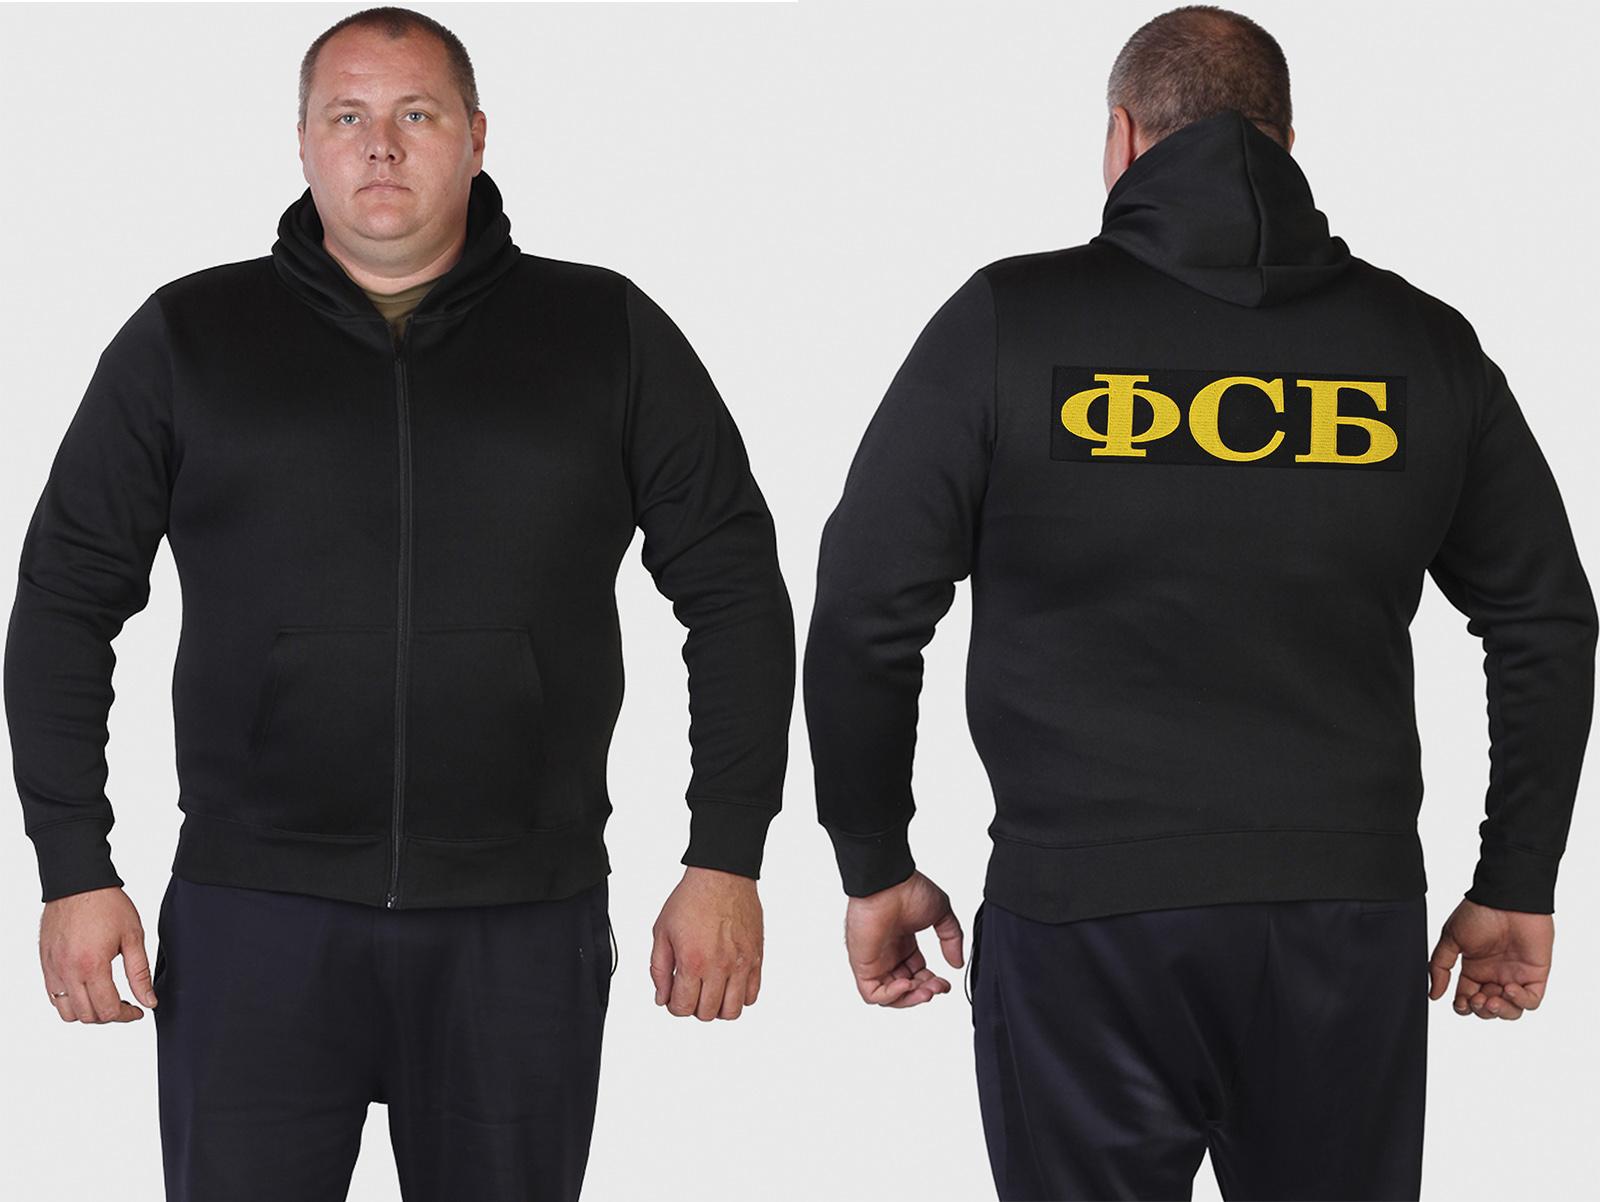 Удобная толстовка с крупной вышивкой ФСБ.